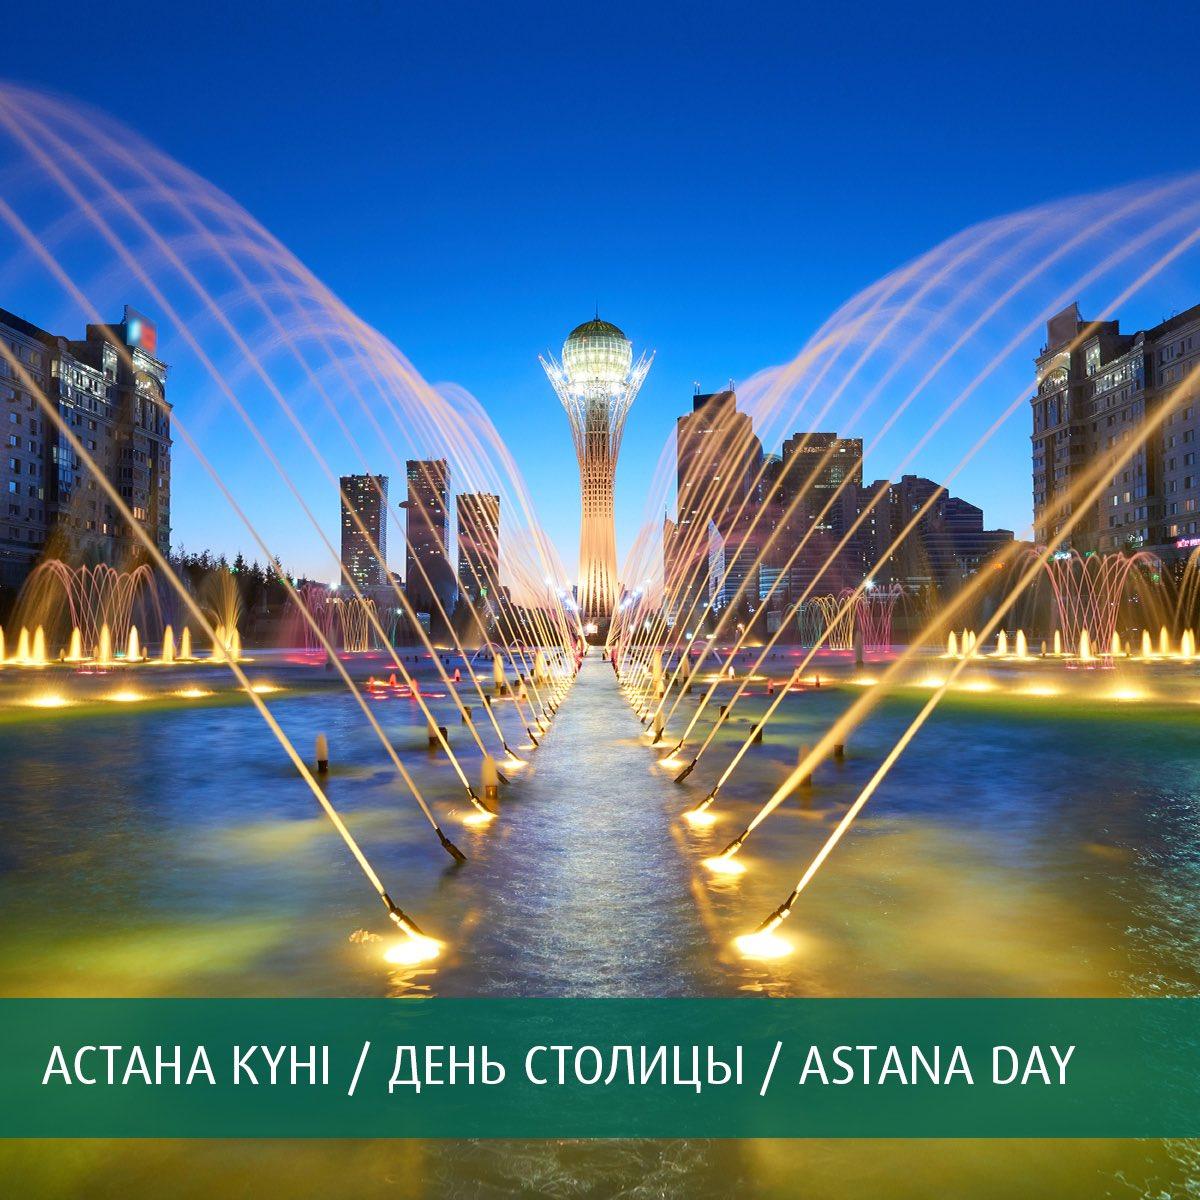 огромное картинки и открытки день столицы в казахстане появилась позже, хотя